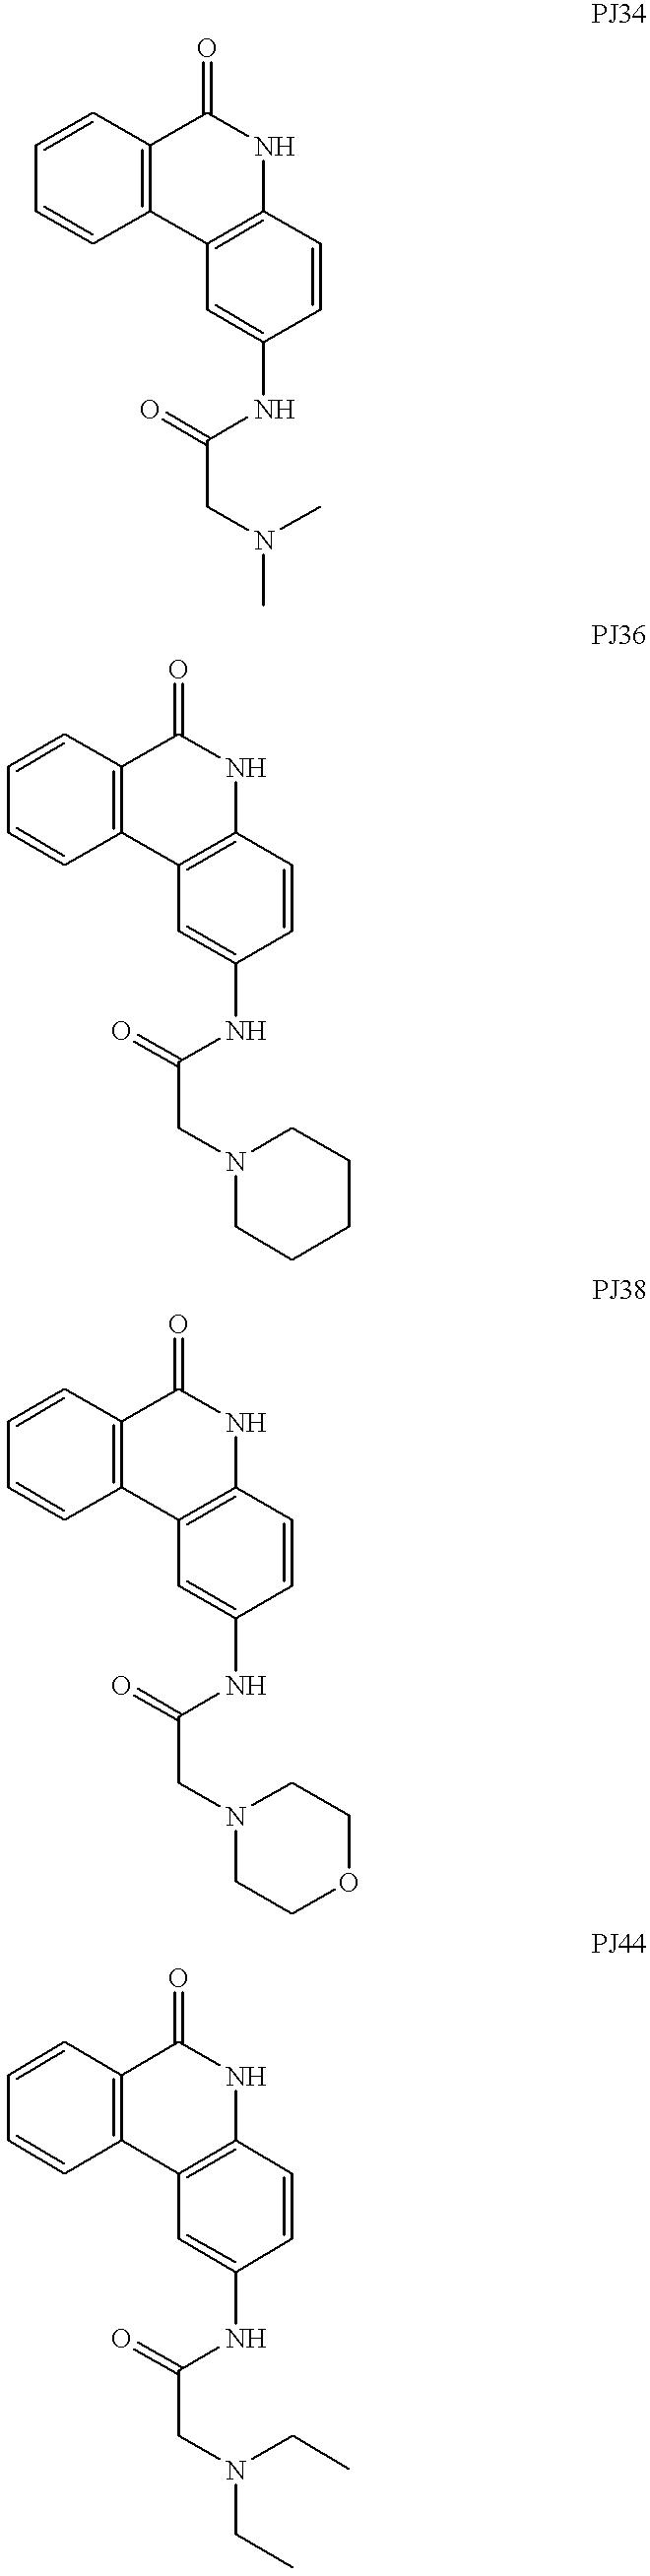 Figure US06277990-20010821-C00002